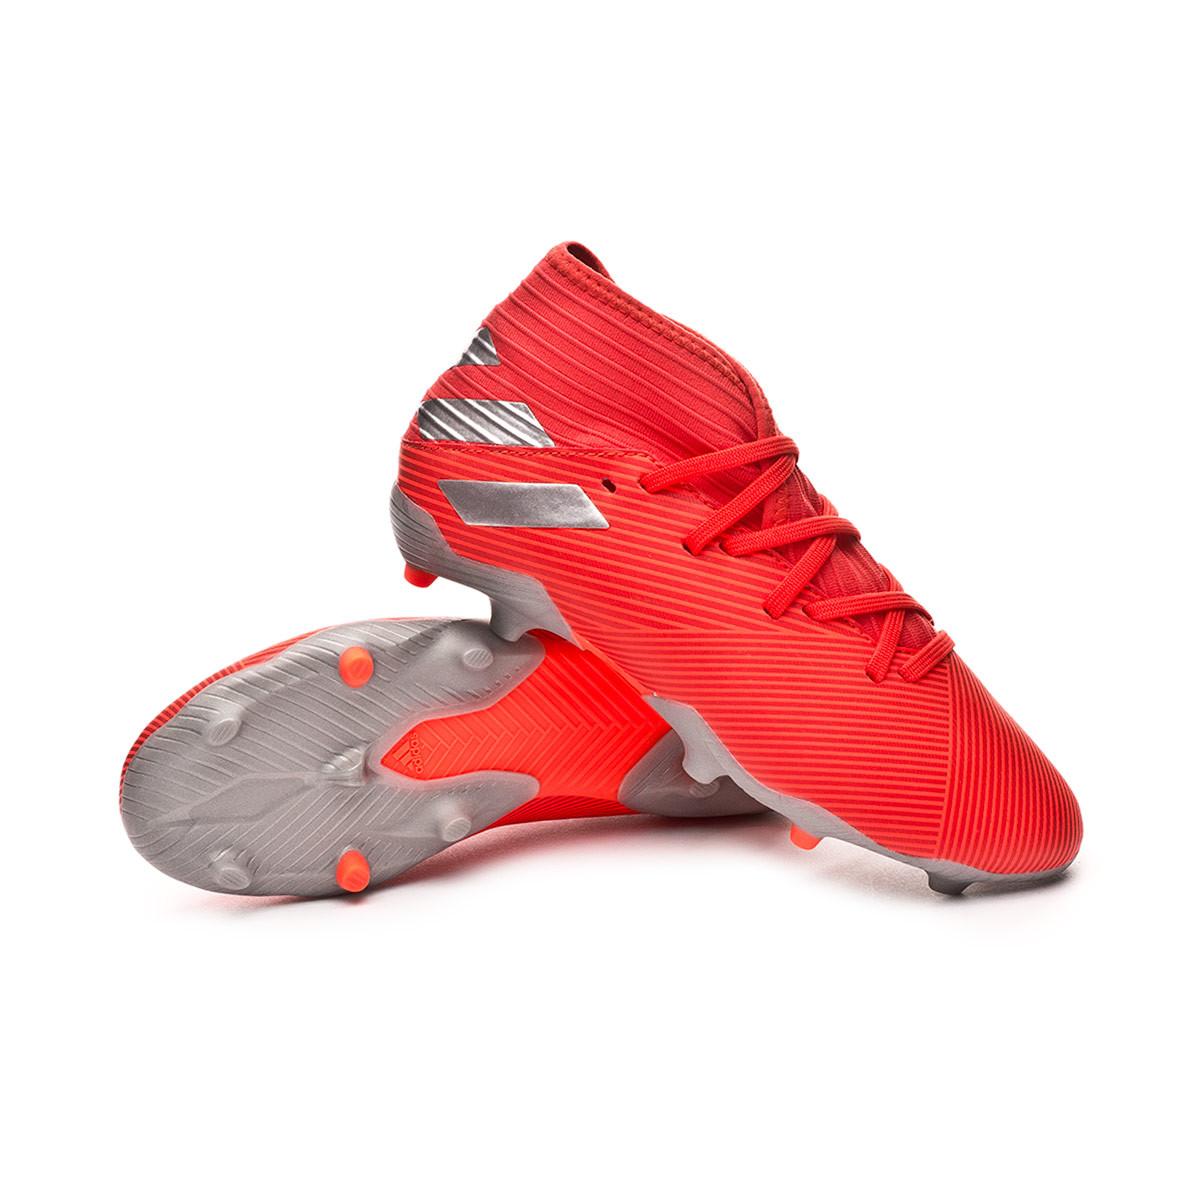 Scarpe adidas Nemeziz 19.3 FG Bambino